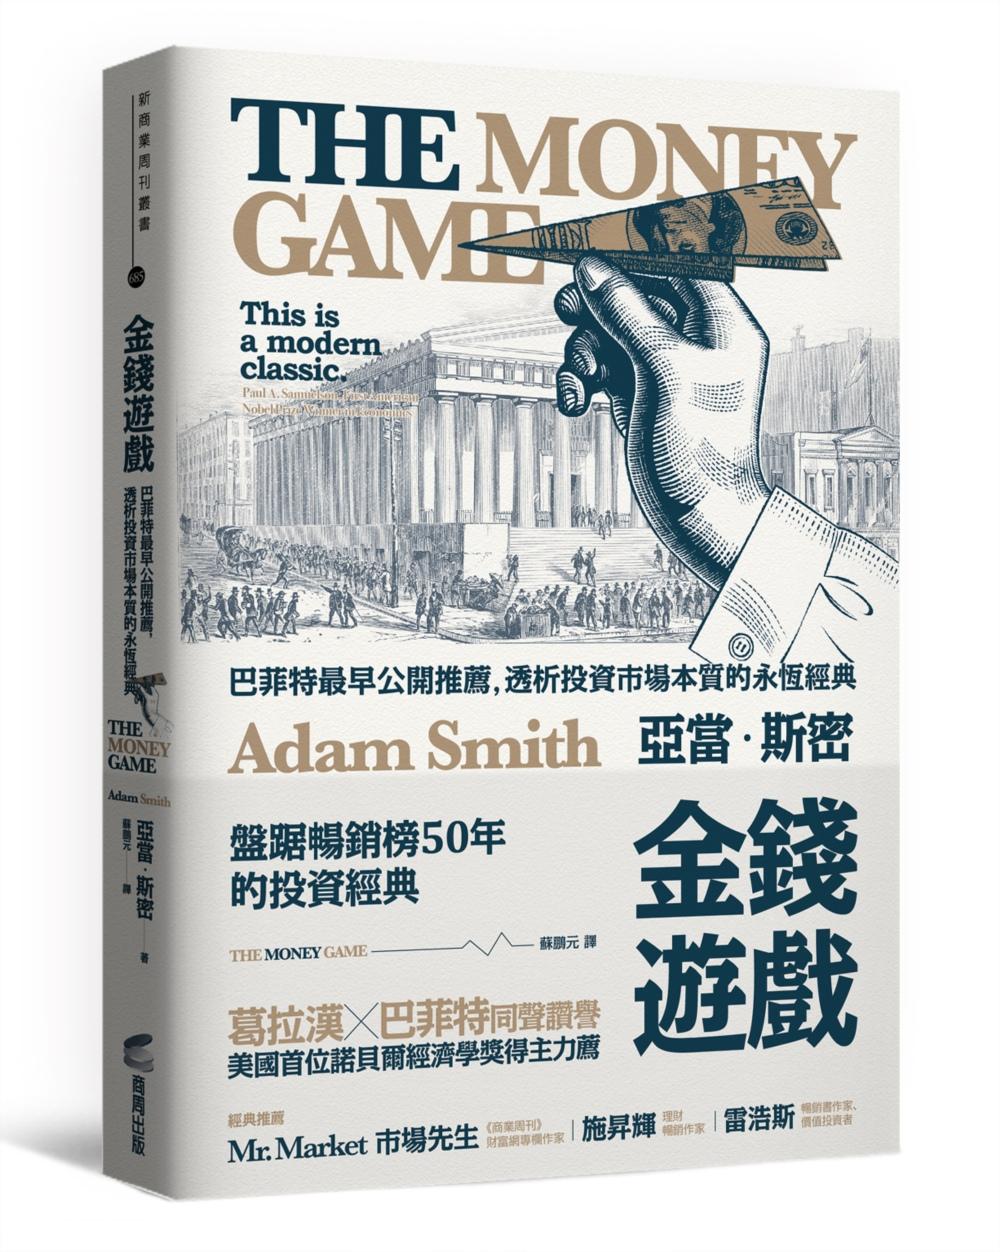 ◤博客來BOOKS◢ 暢銷書榜《推薦》金錢遊戲:巴菲特最早公開推薦,透析投資市場本質的永恆經典